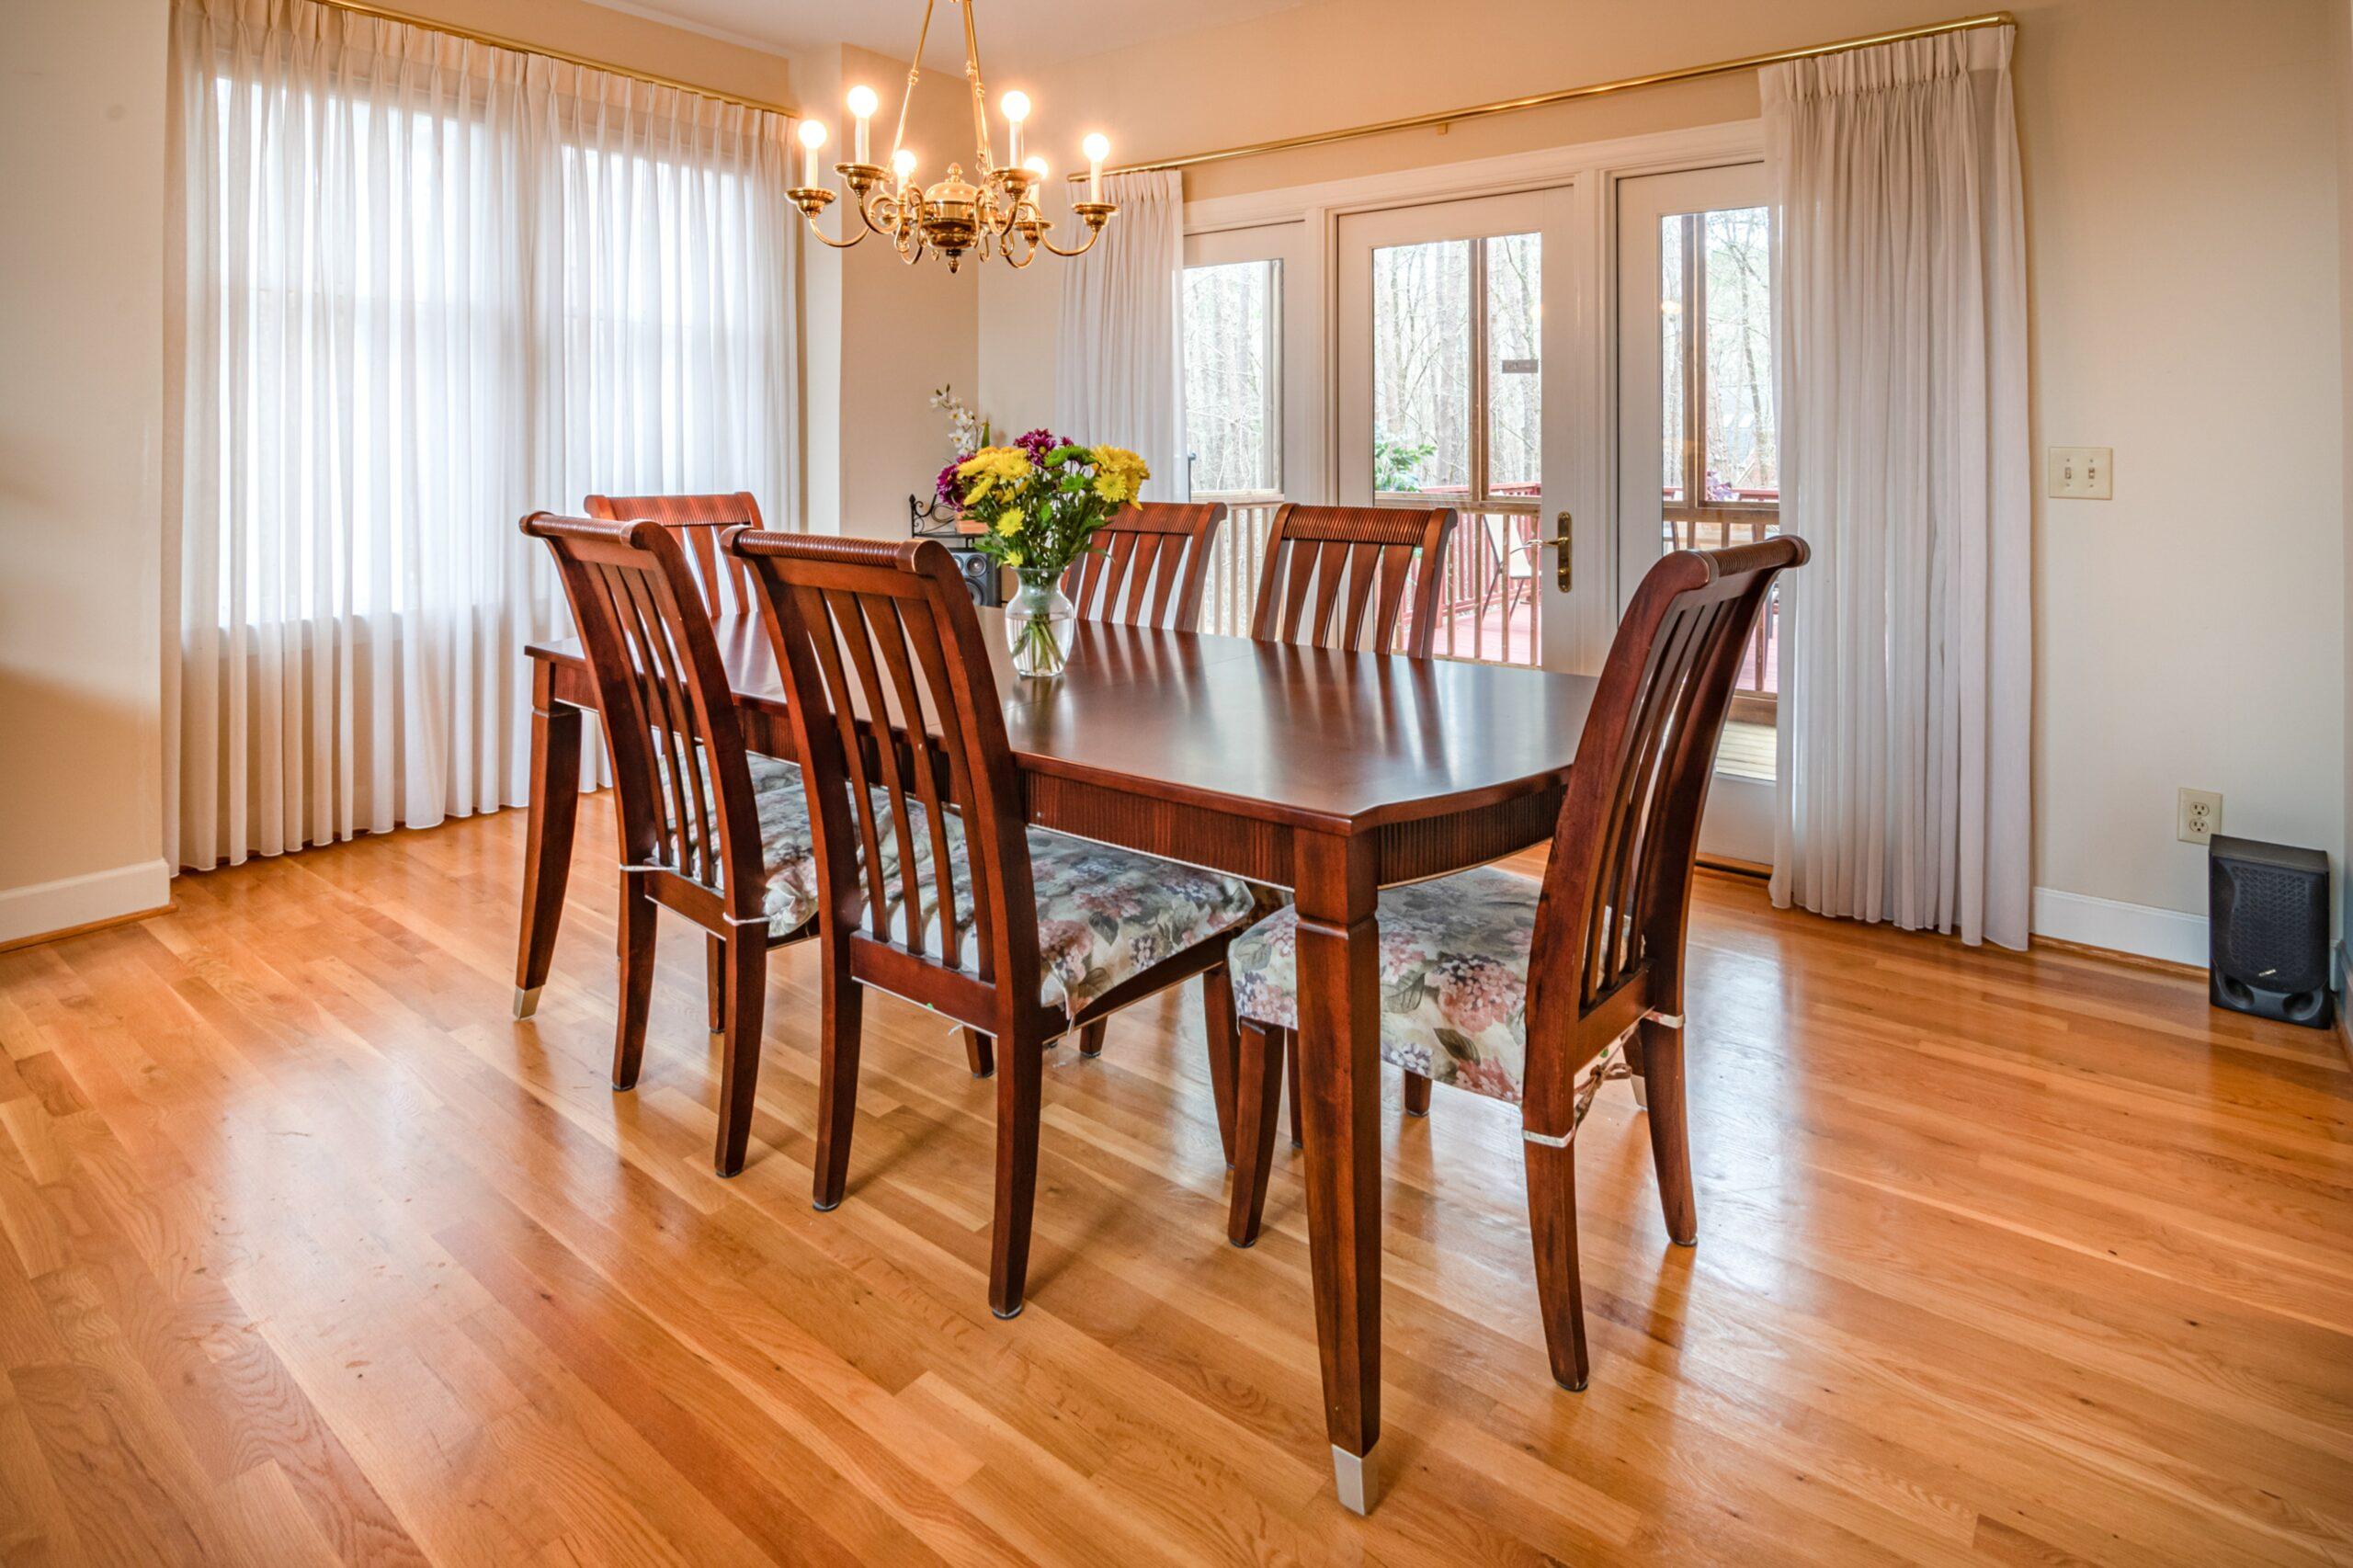 lvt, wooden flooring